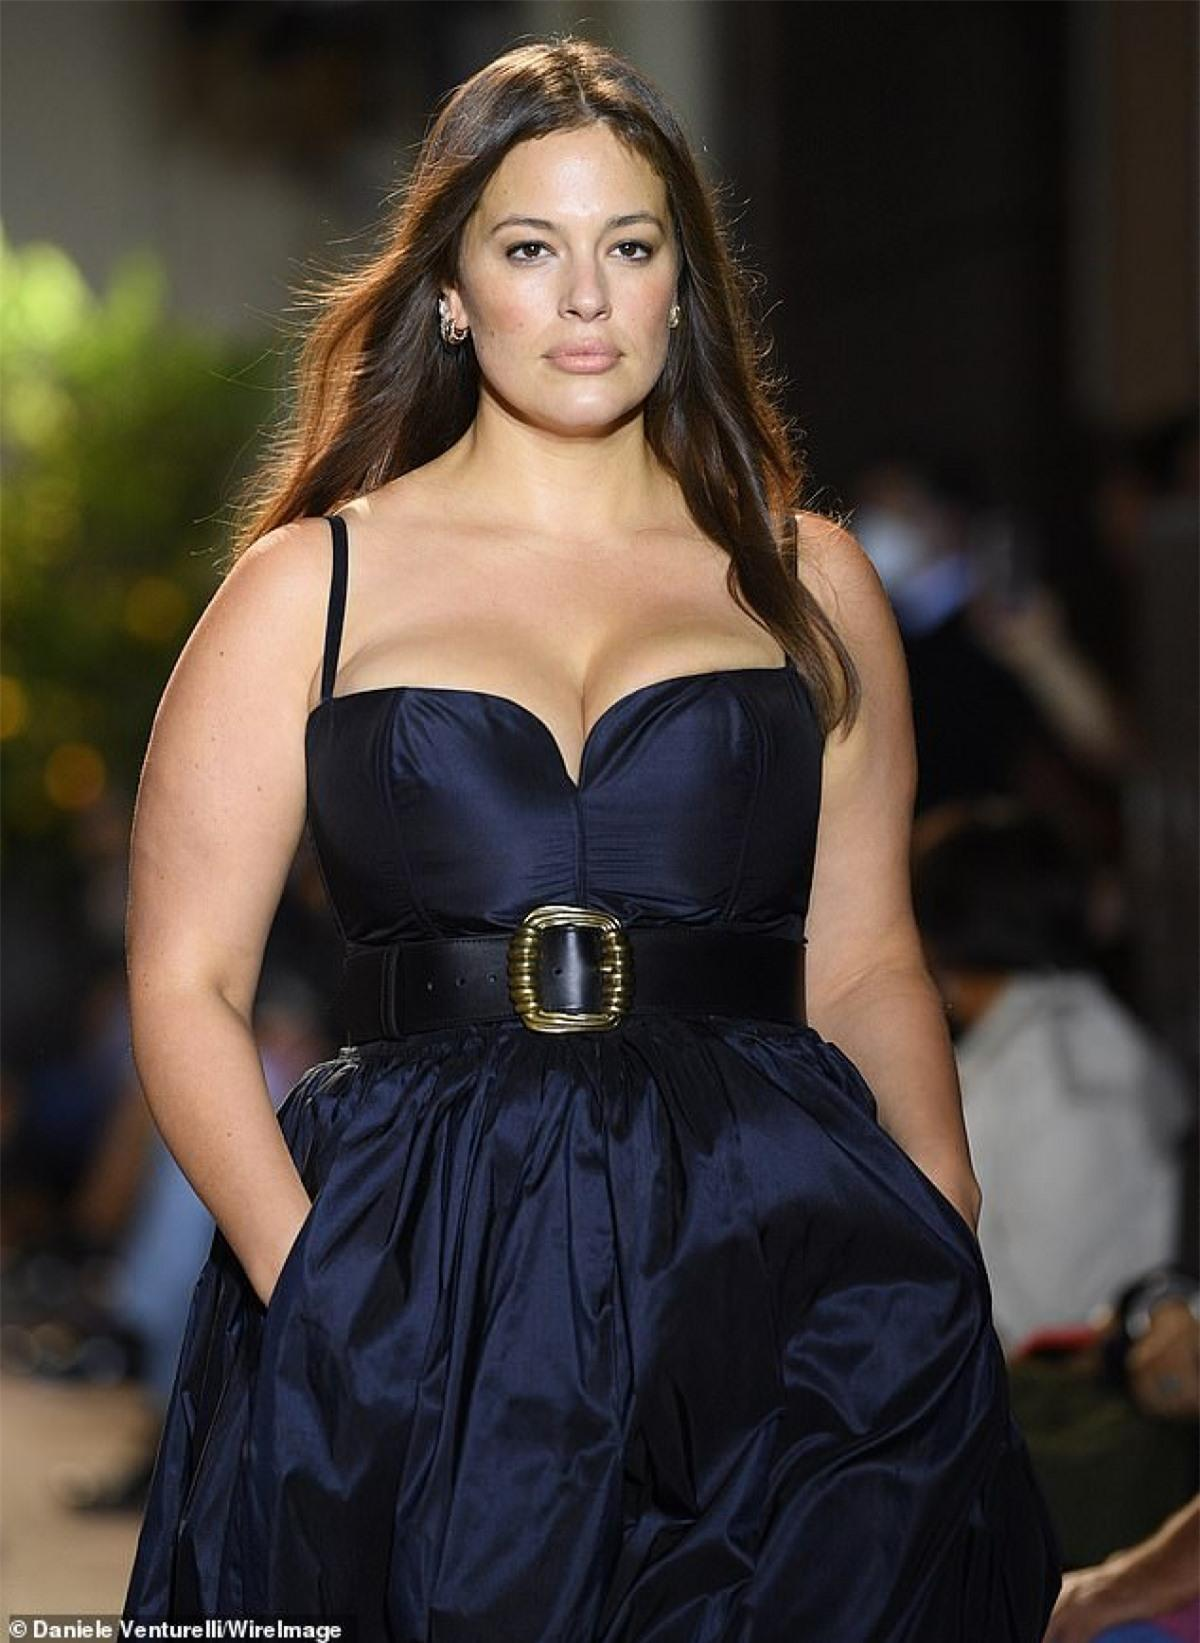 'Người mẫu ngoại cỡ' Ashley Graham diện đồ hiệu đến dự sự kiện thời trang Ảnh 5